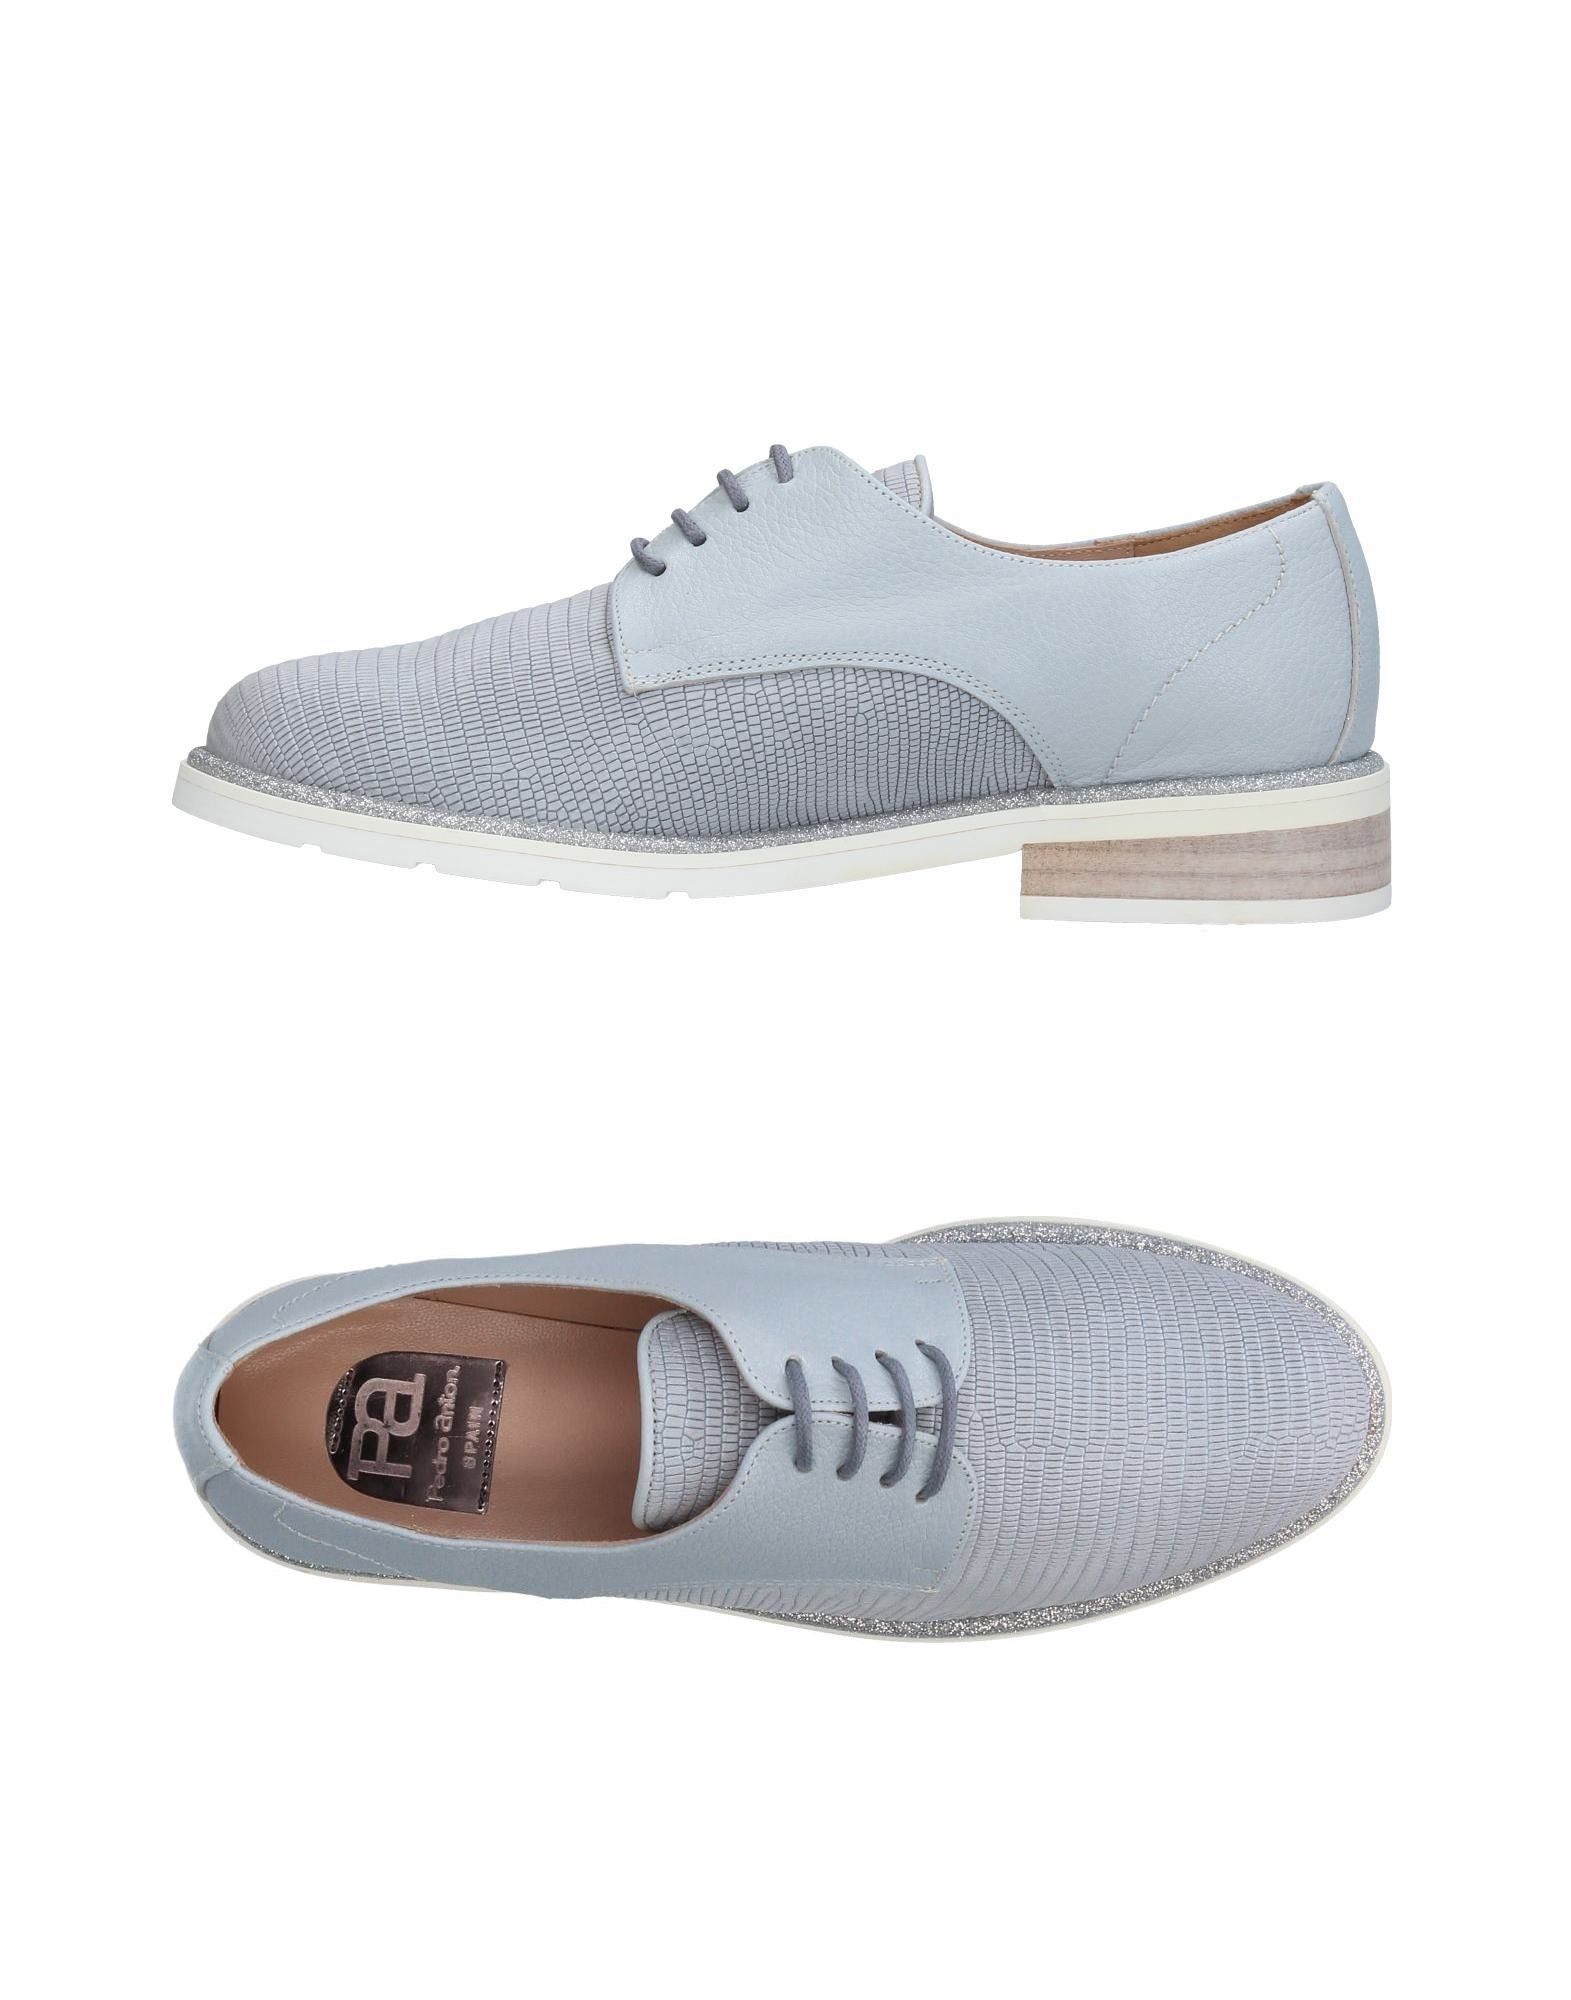 Chaussures - Chaussures À Lacets Pedro Antn 1nBnt9JG